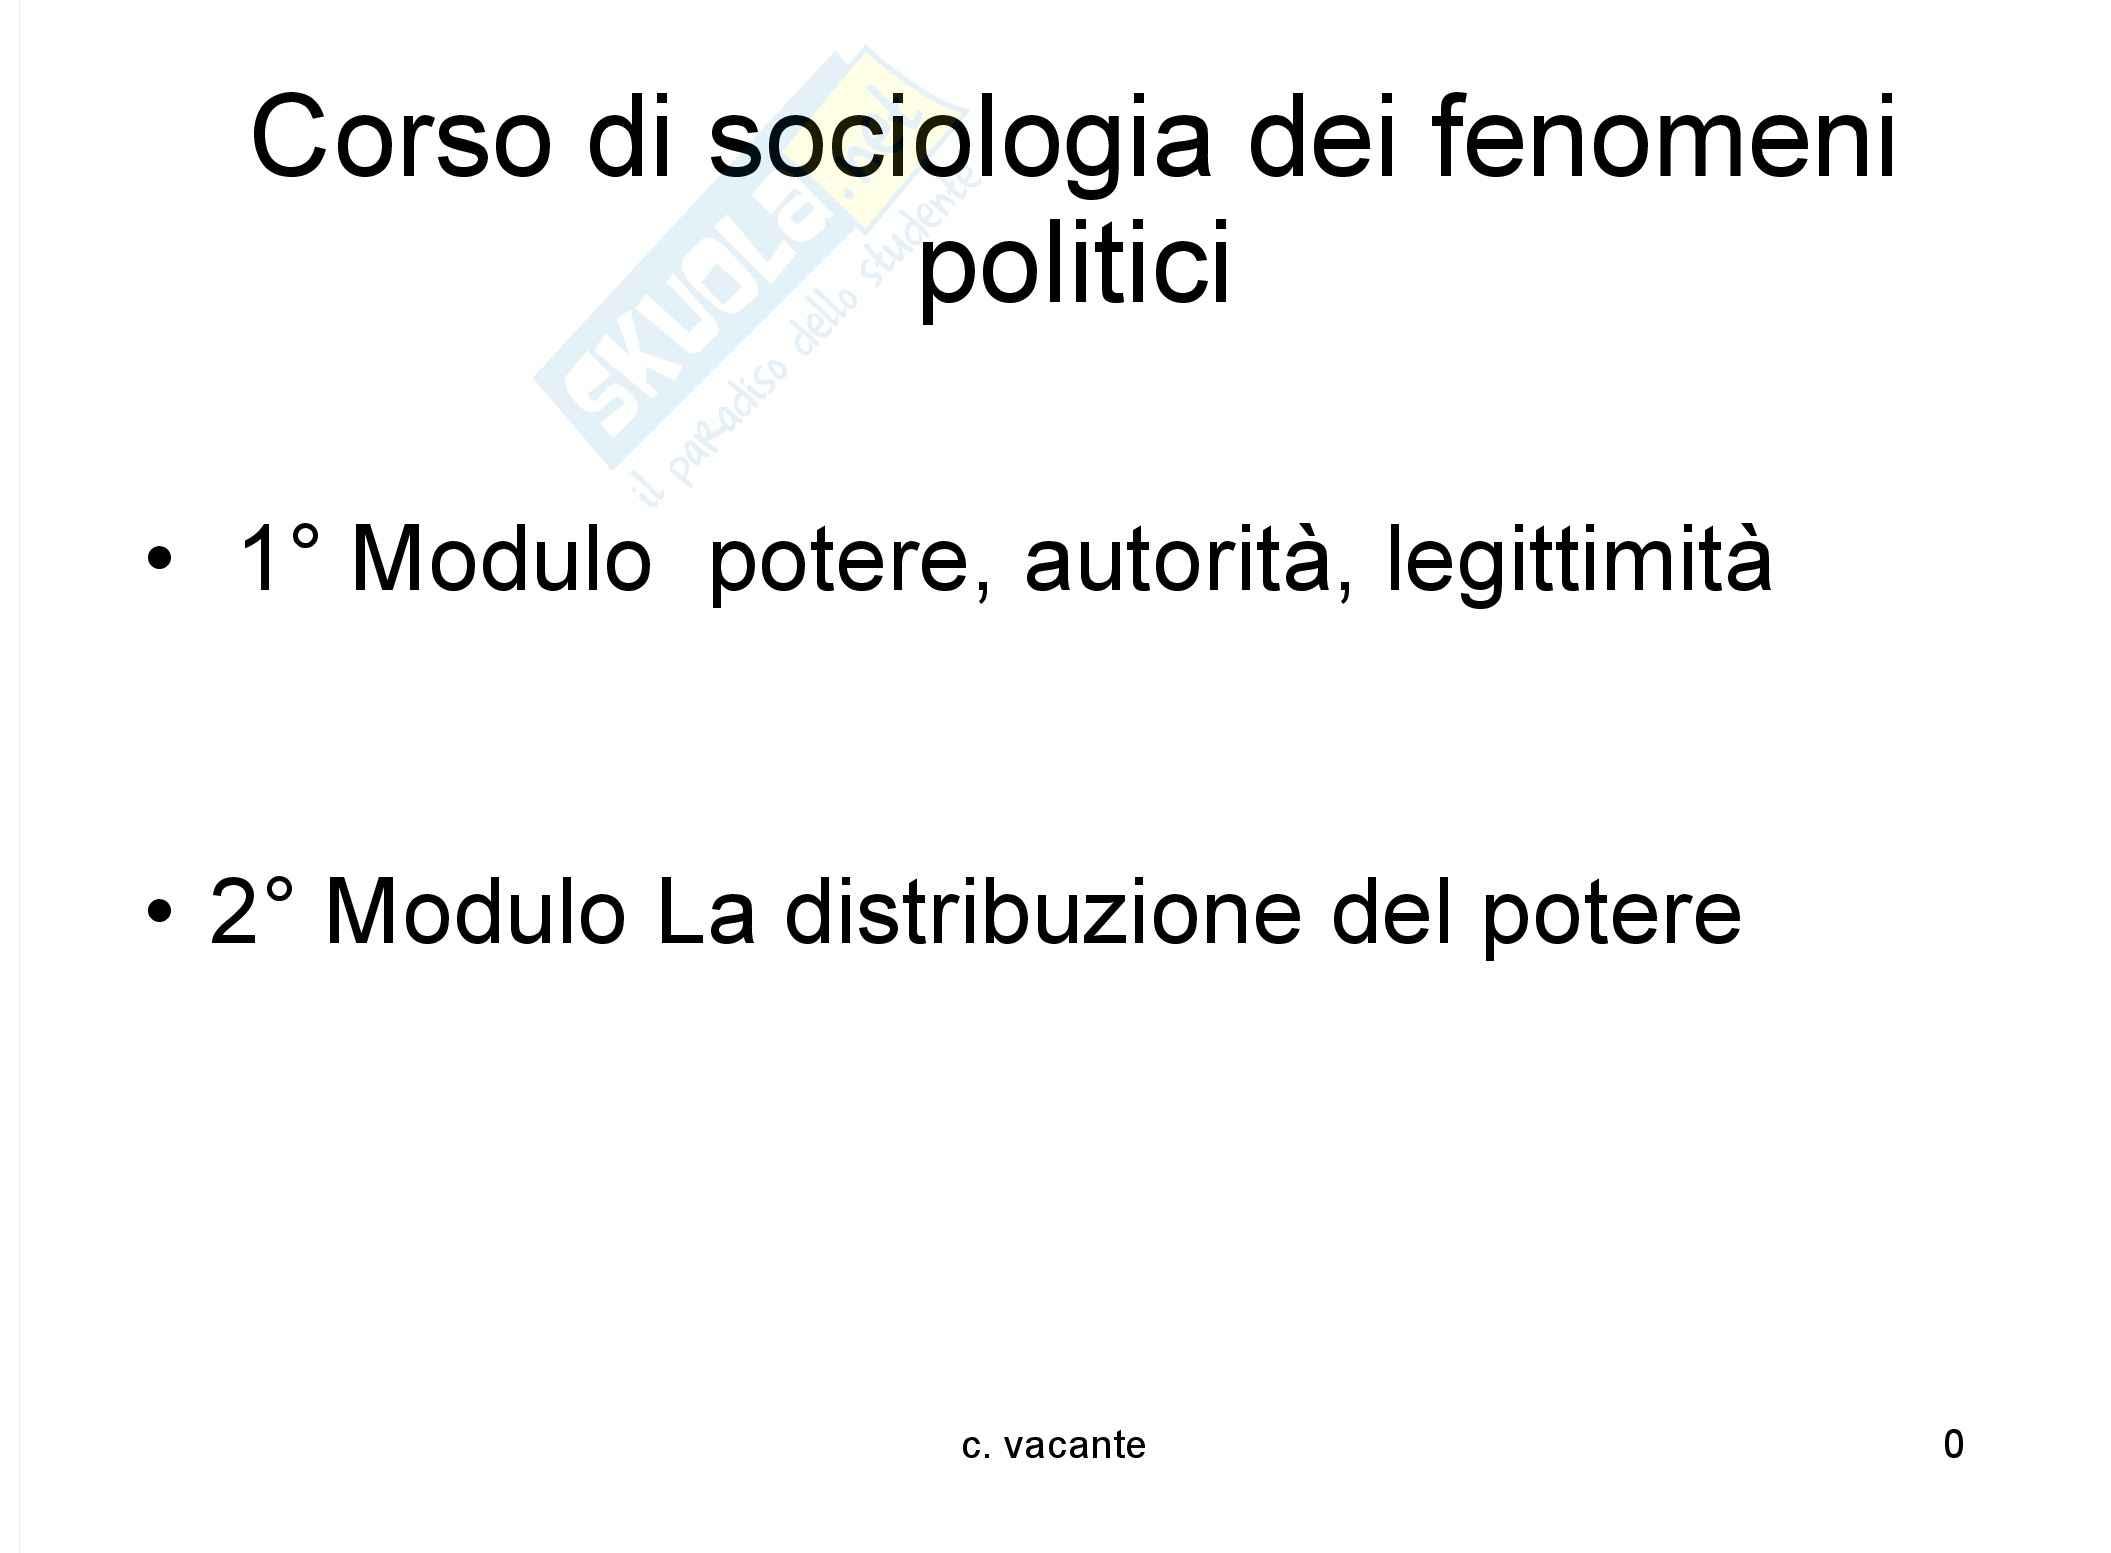 Sociologia dei fenomeni politici - il potere - appunti